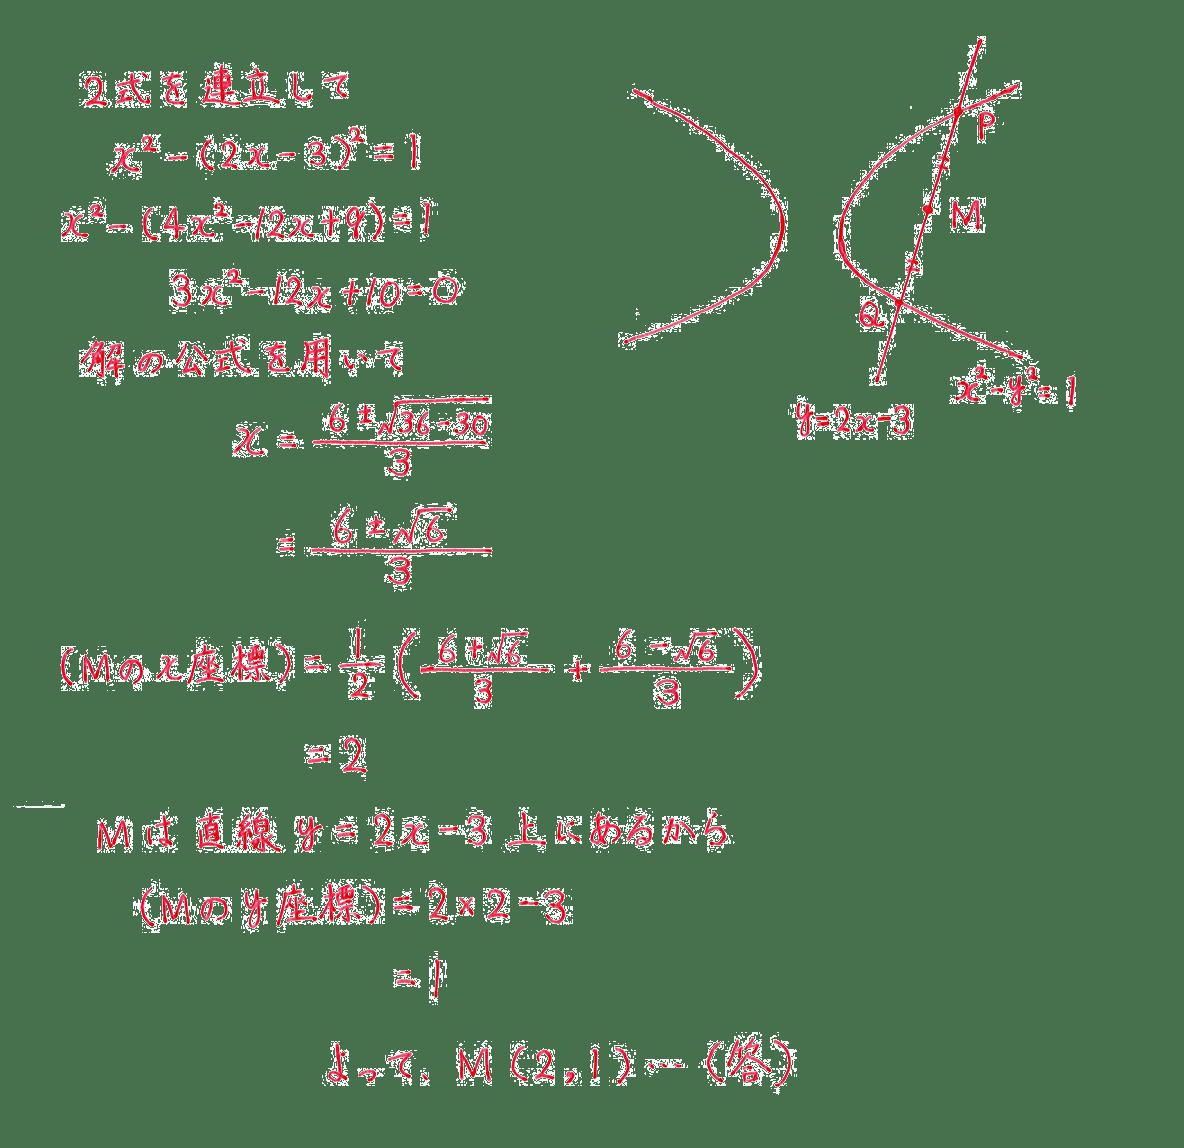 式と曲線18 問題 答えすべて